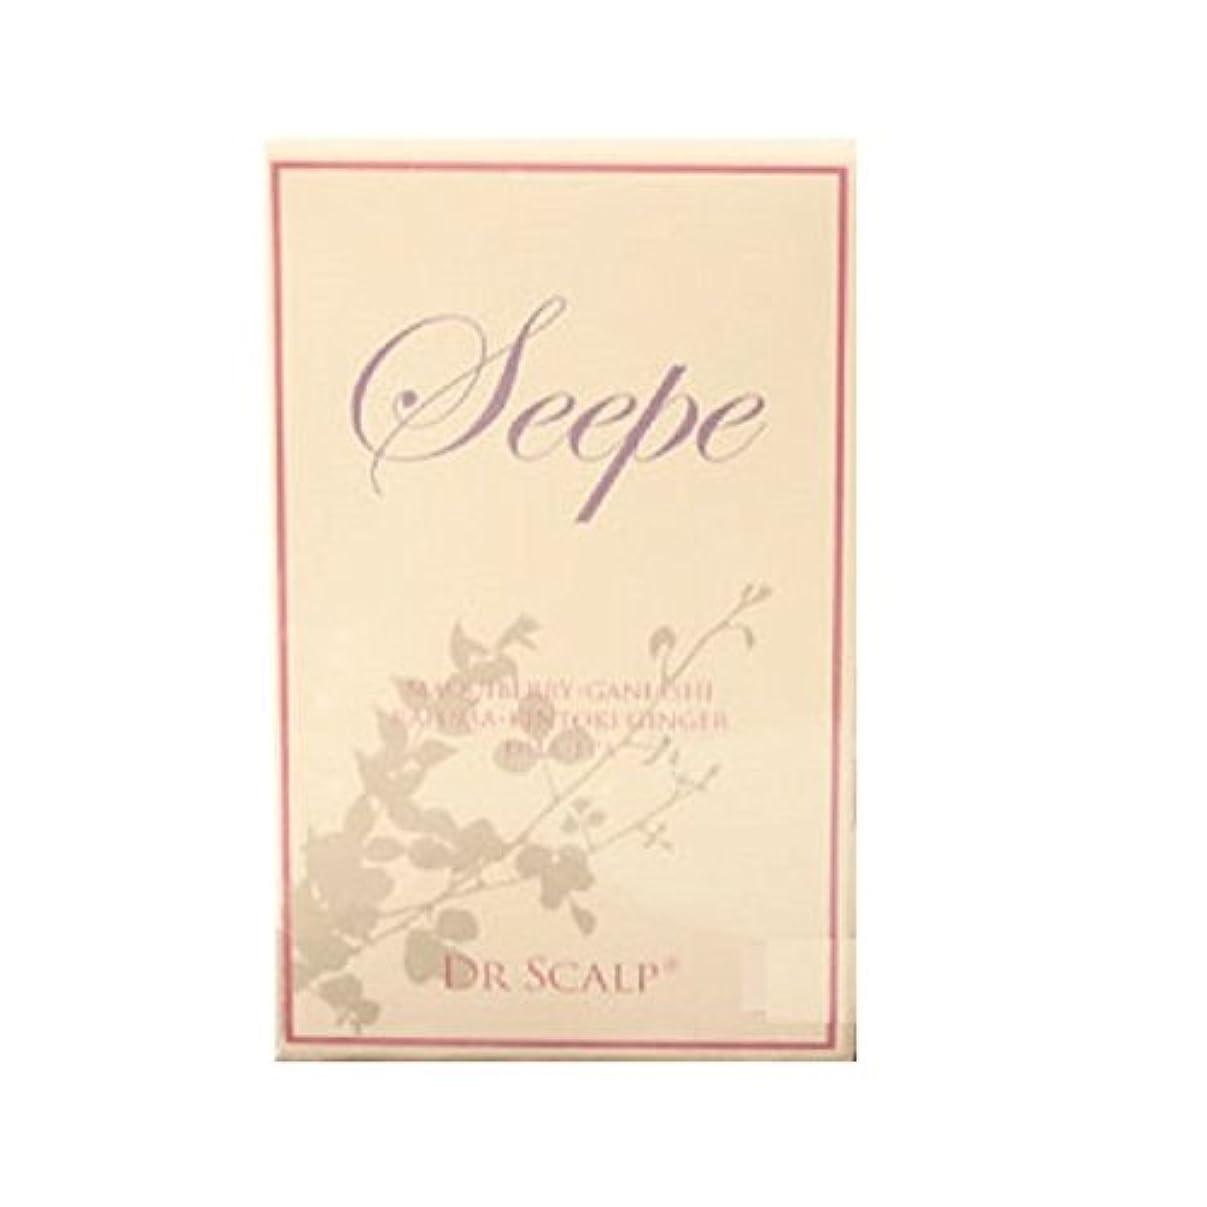 比喩シェルターハドルドクタースカルプ DR.SCALP(ドクタースカルプ)SEEPE(シープ) (サプリメント)※プロジェクトサプリメントのリニューアル商品です《60粒》